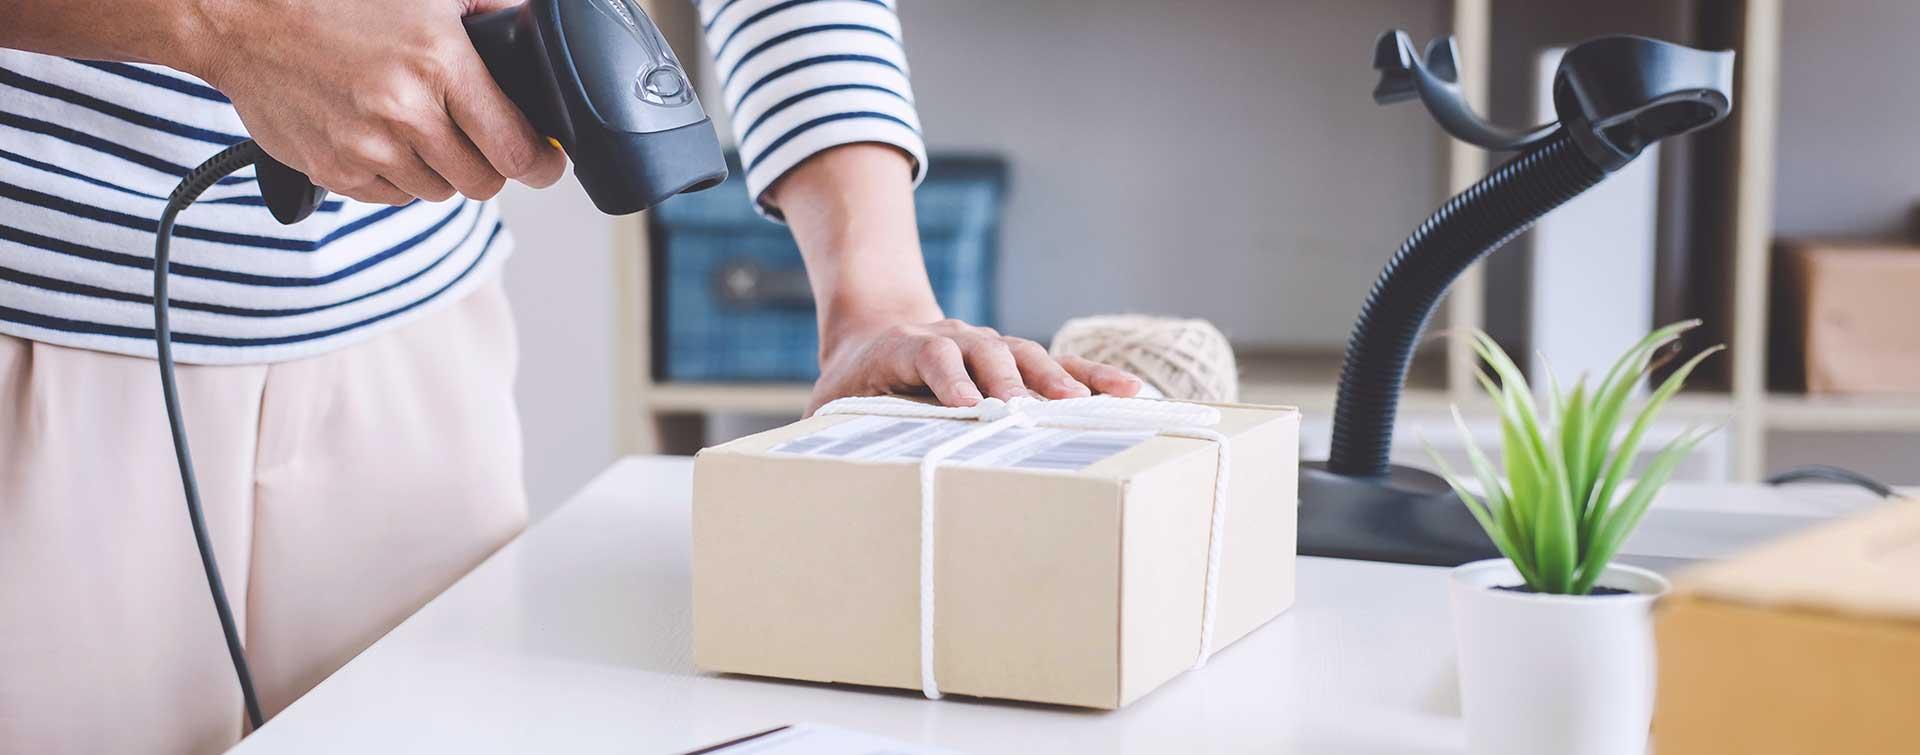 5 błędów w wysyłce paczek, przez które tracisz klientów